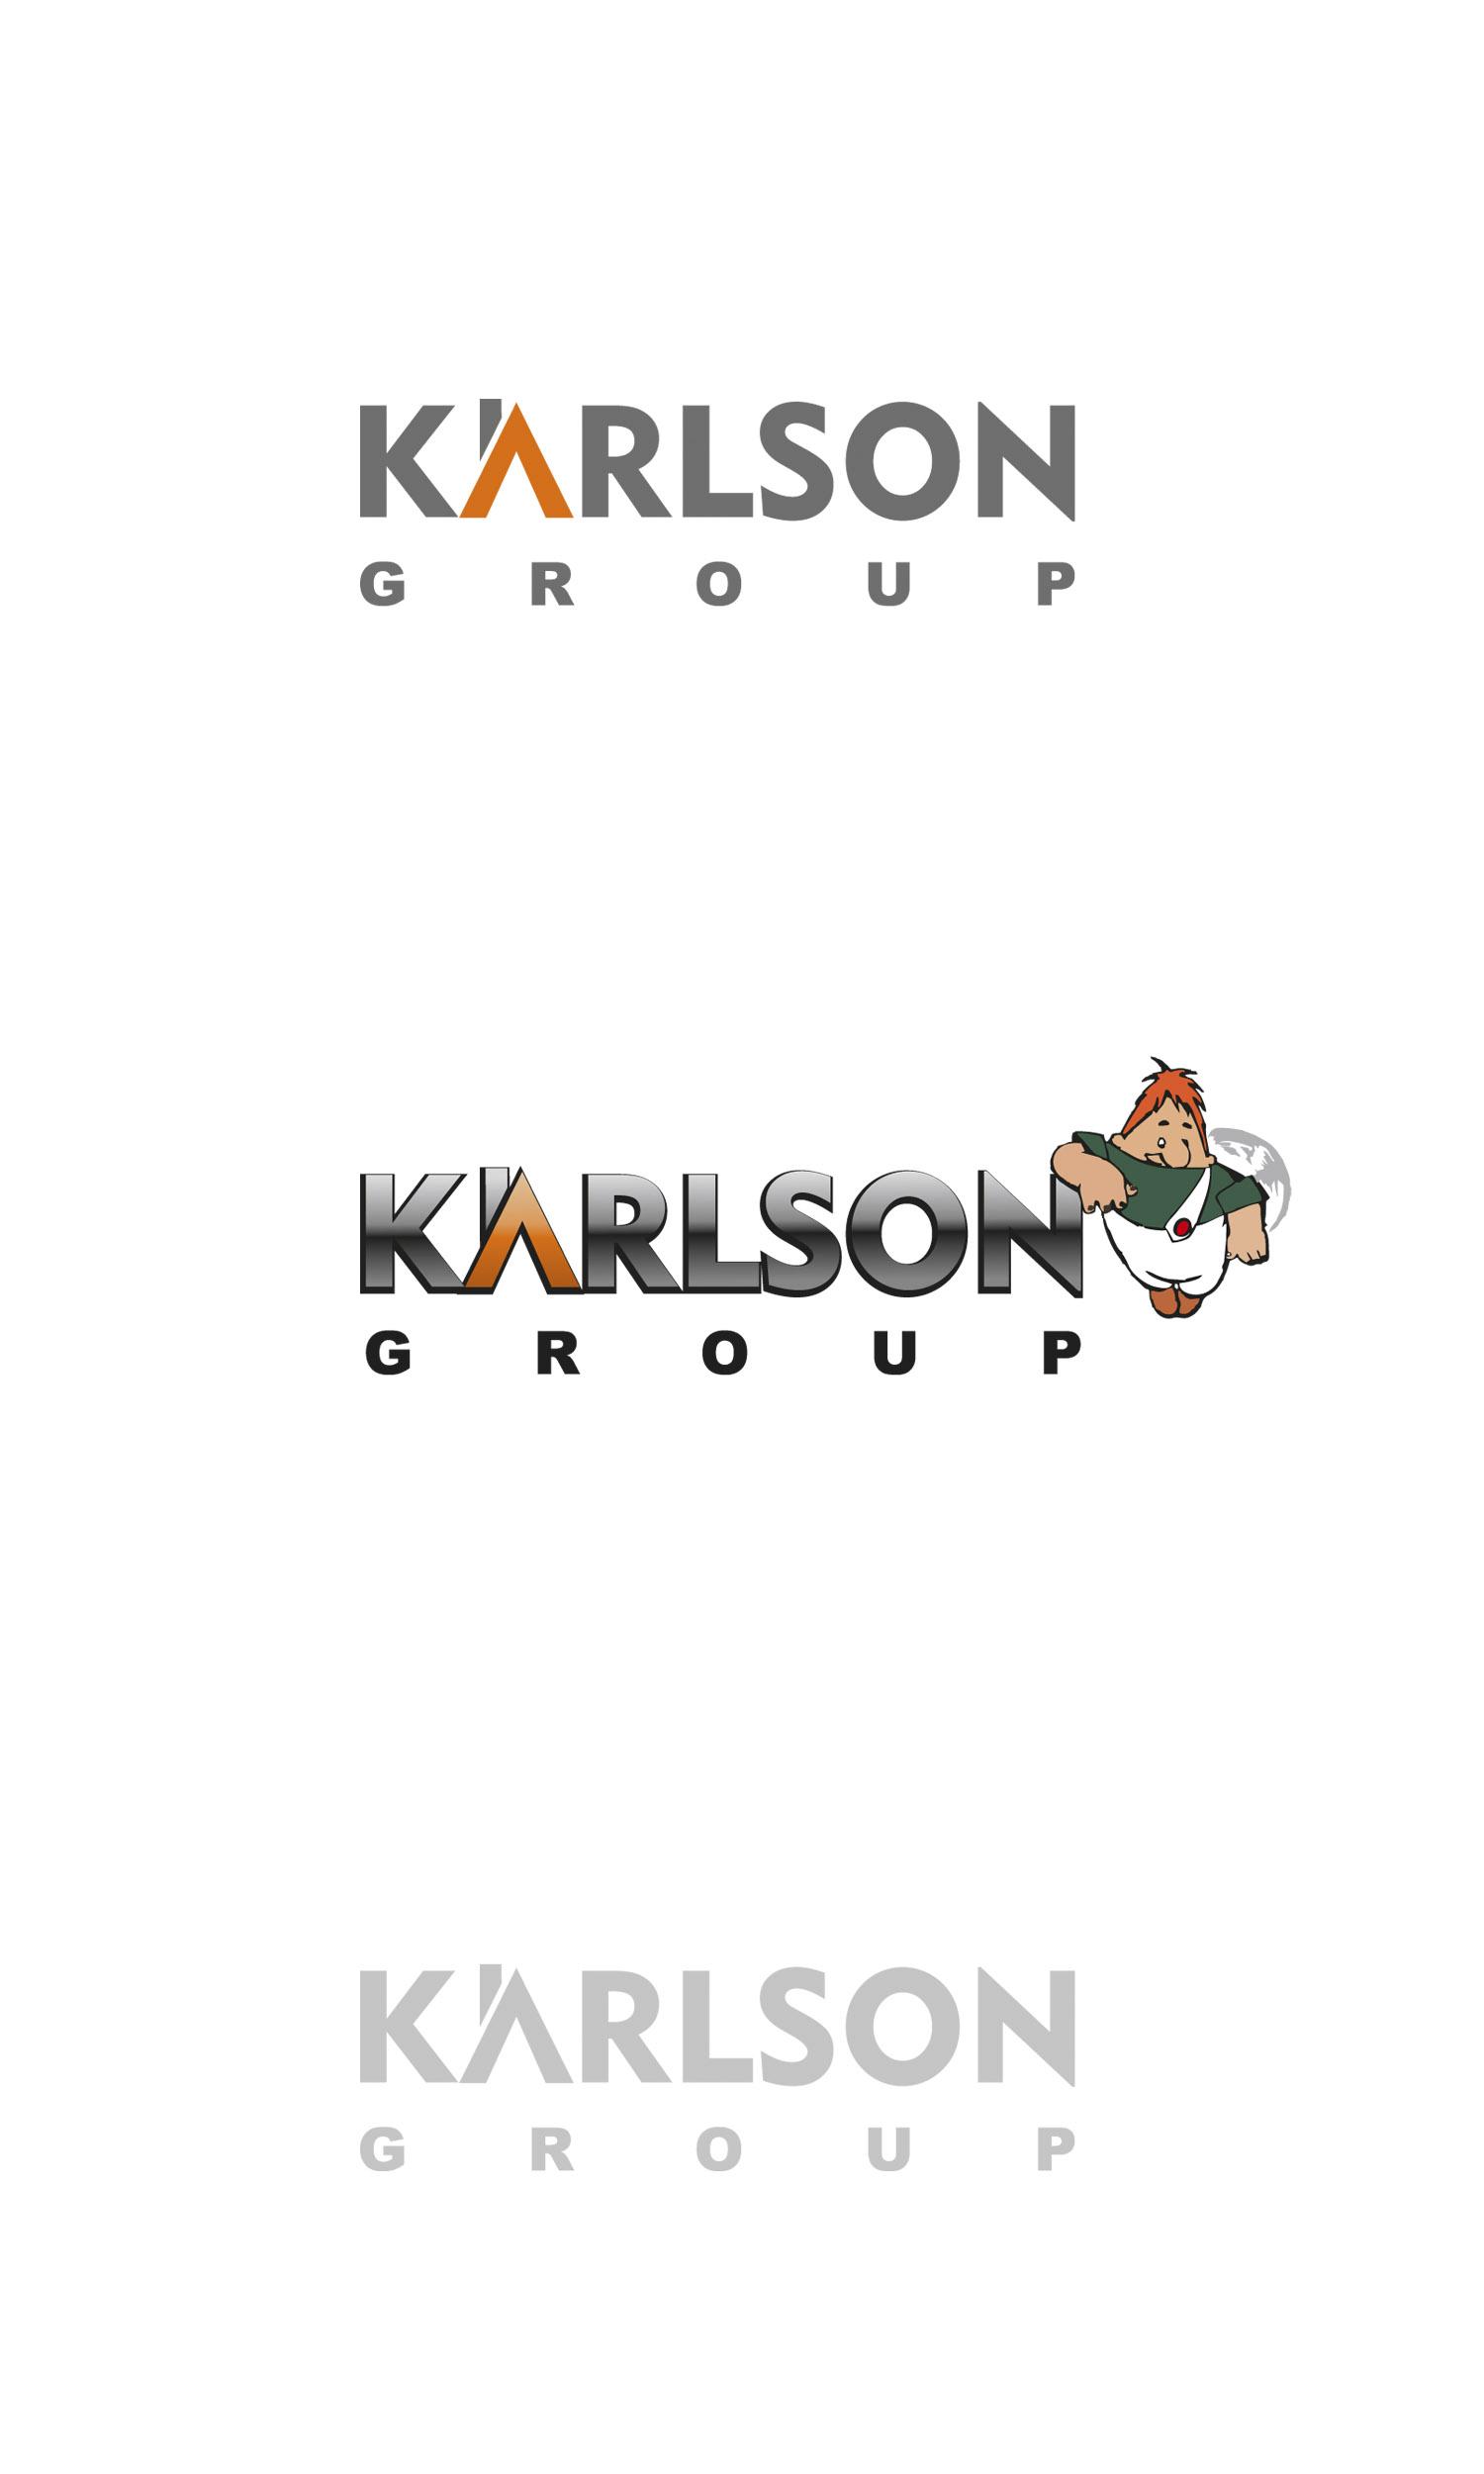 Придумать классный логотип фото f_6145991fe3d5c311.jpg